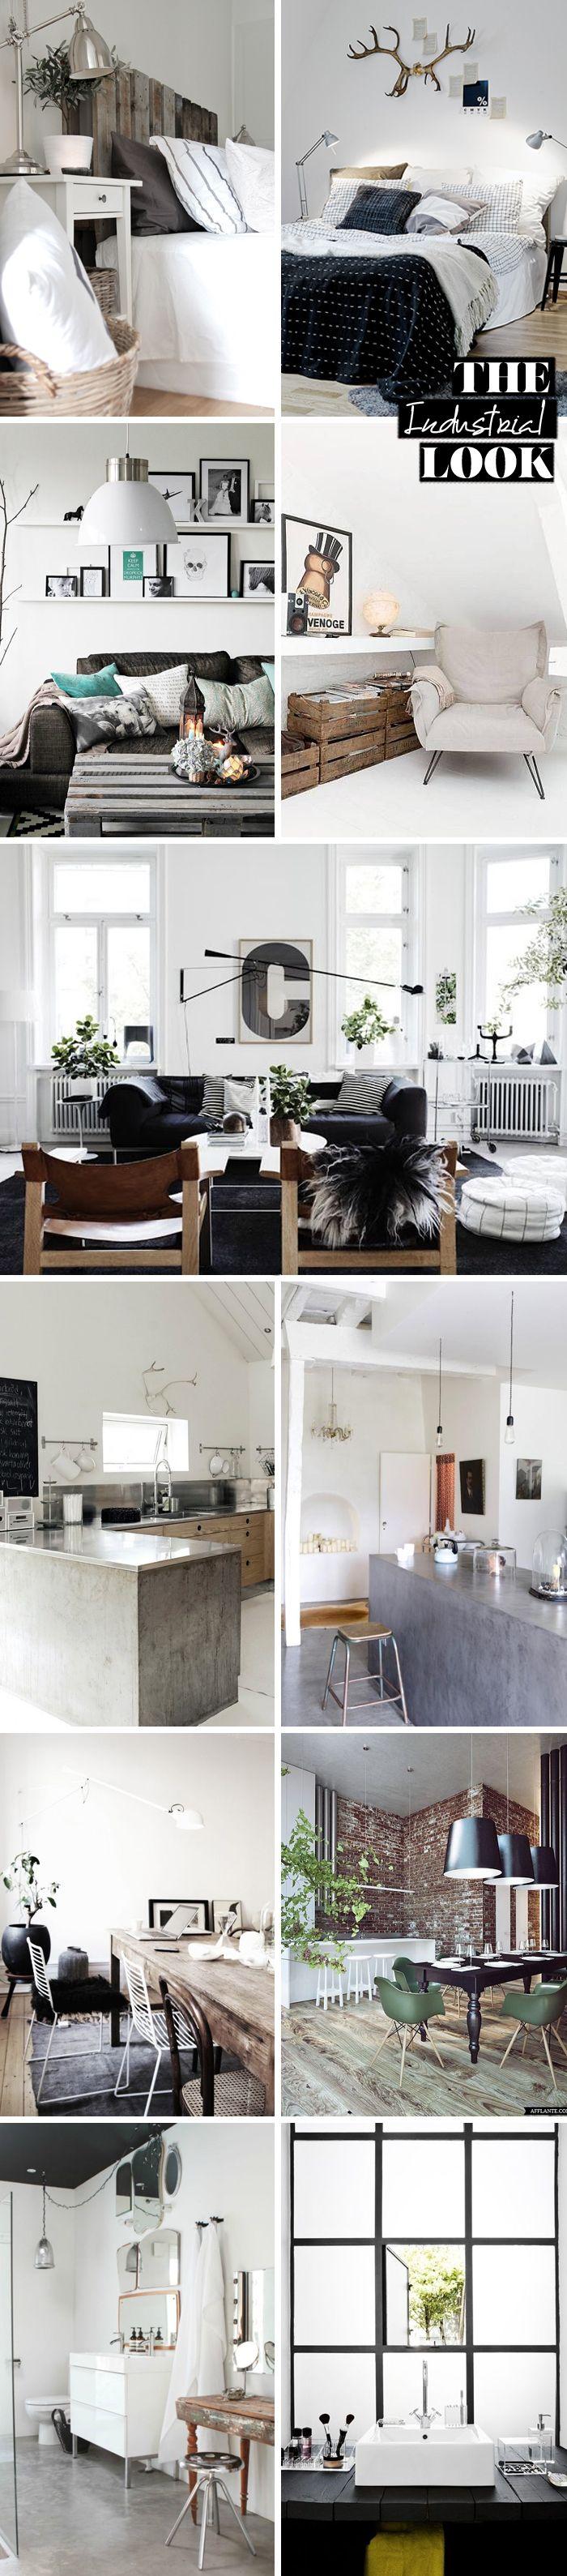 mitStil.net das Online Lifestylemagazin Wohnen mit Stil Industrial Look Übersicht #industrialfarmhouselivingroom